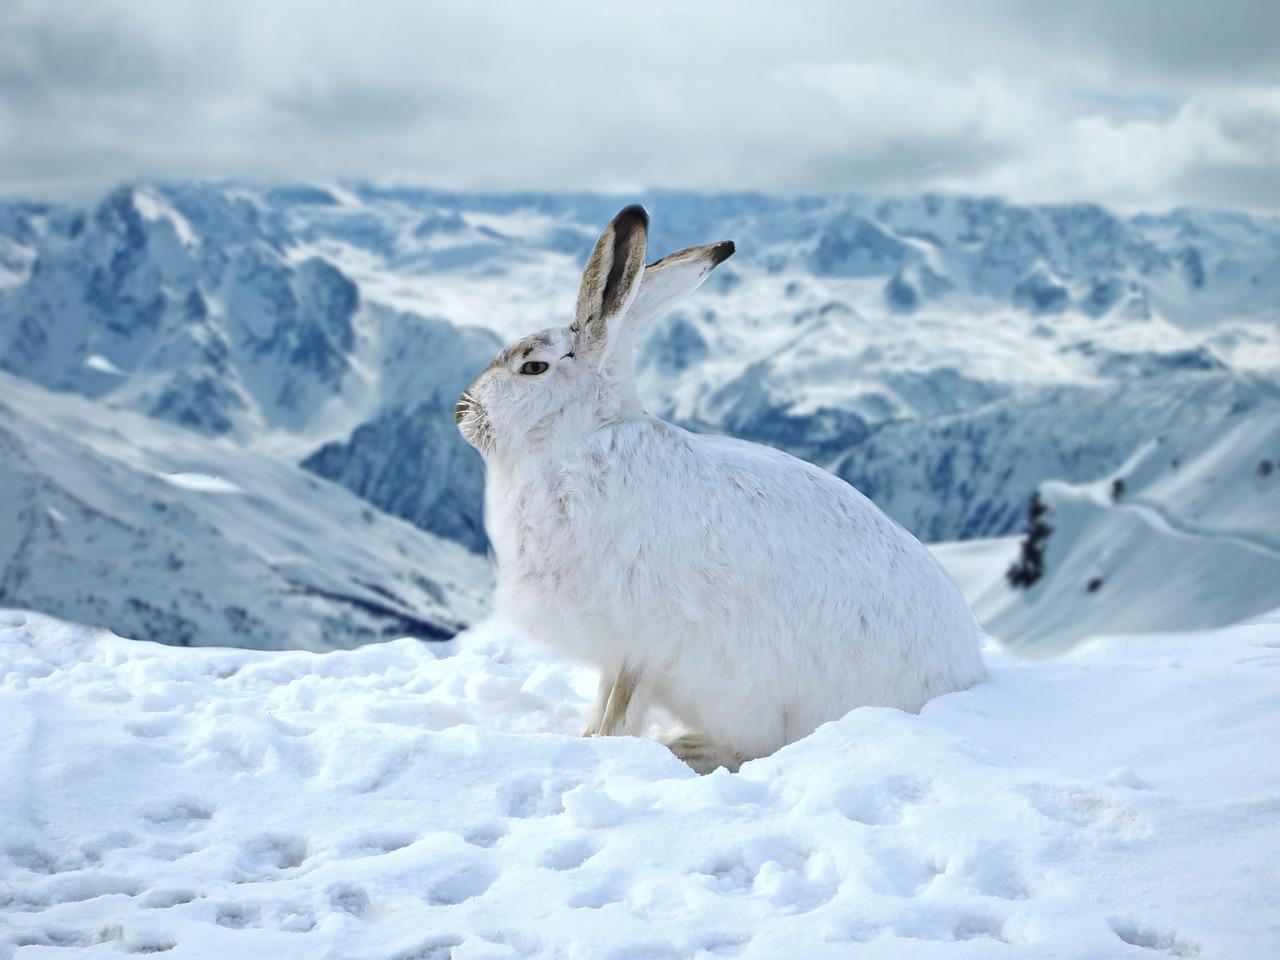 Żywienie królików zimą. Co jedzą króliki zimą?